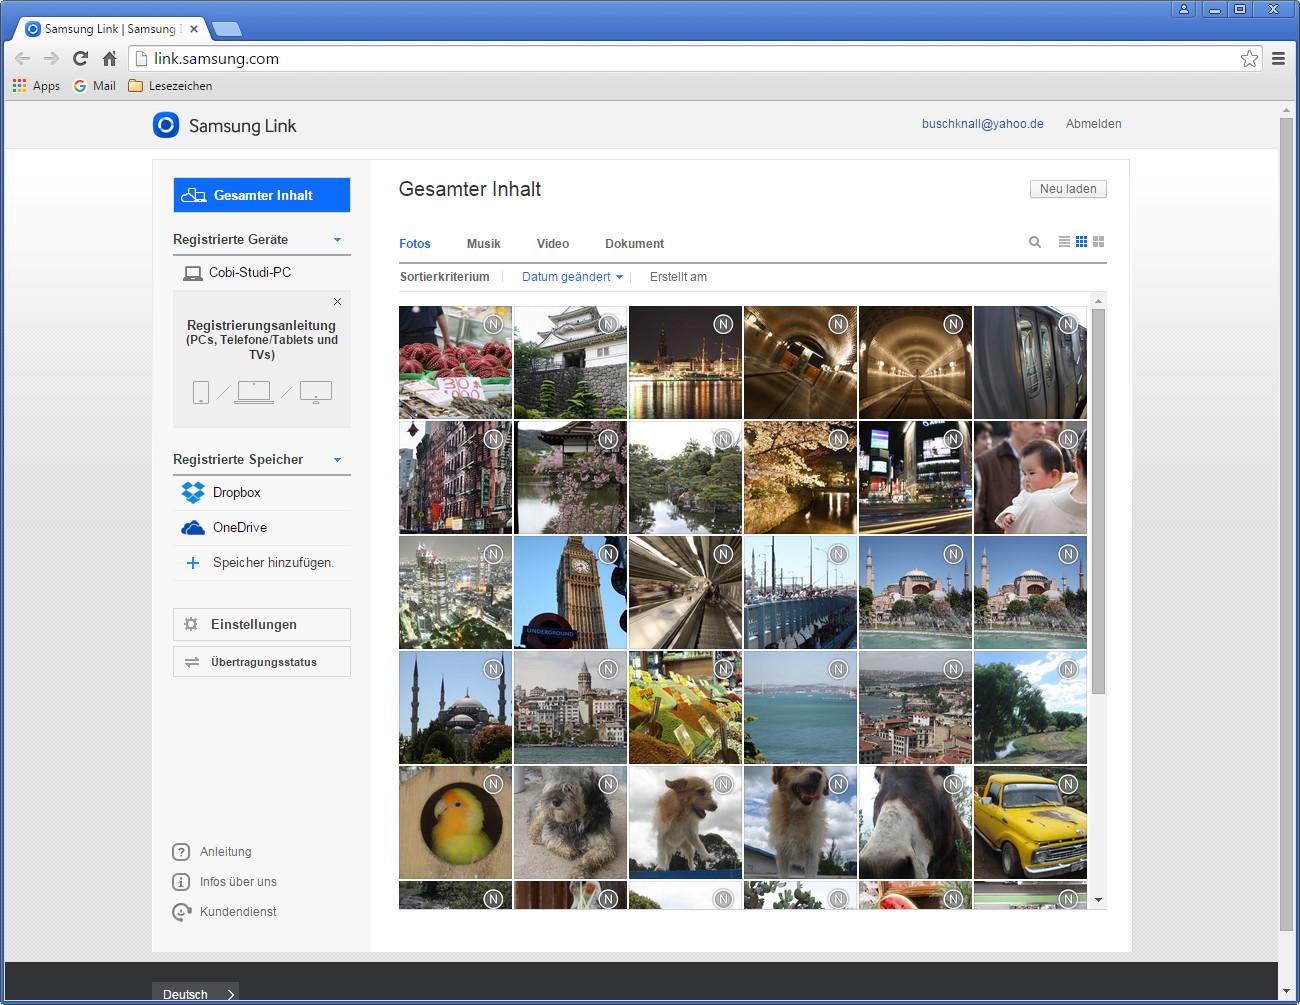 Screenshot 1 - Samsung Link